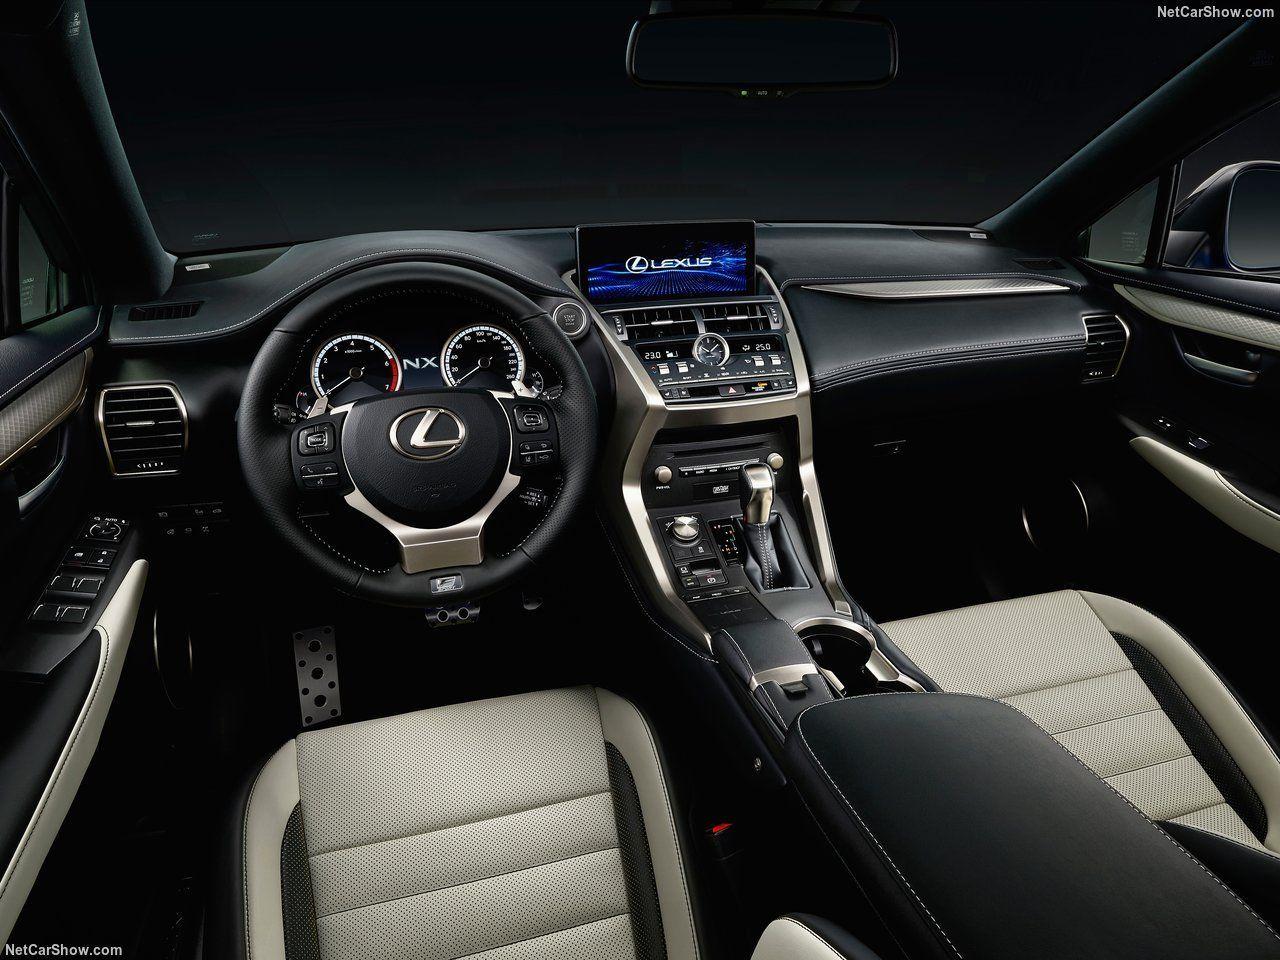 2018 Lexus Nx Lexus Suv Lexus Lexus Interior